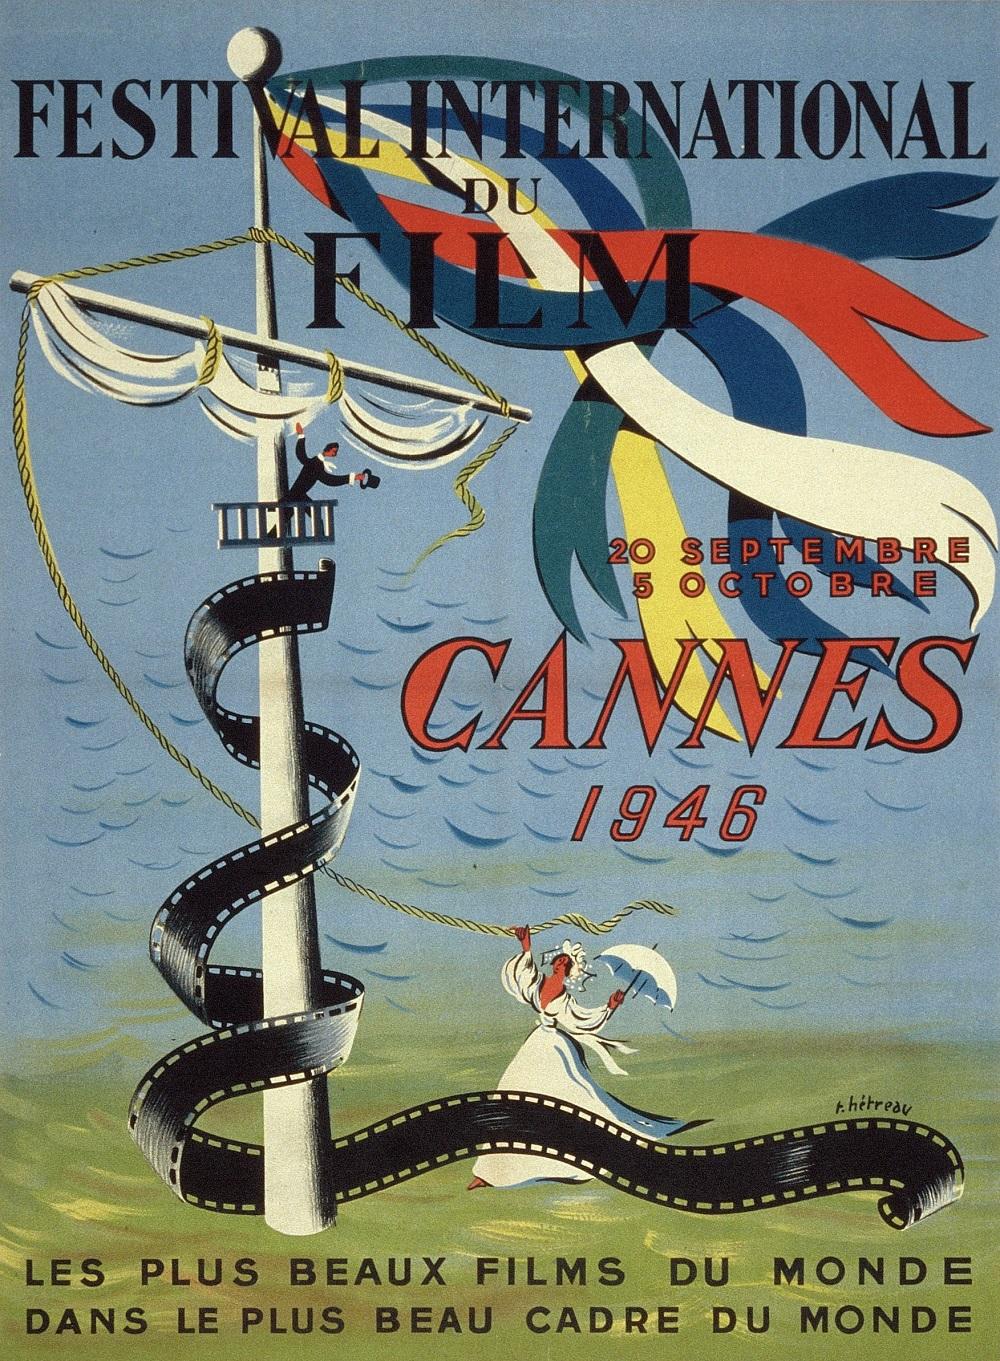 Những khoảnh khắc đáng nhớ trong lịch sử Liên hoan phim Cannes - 01